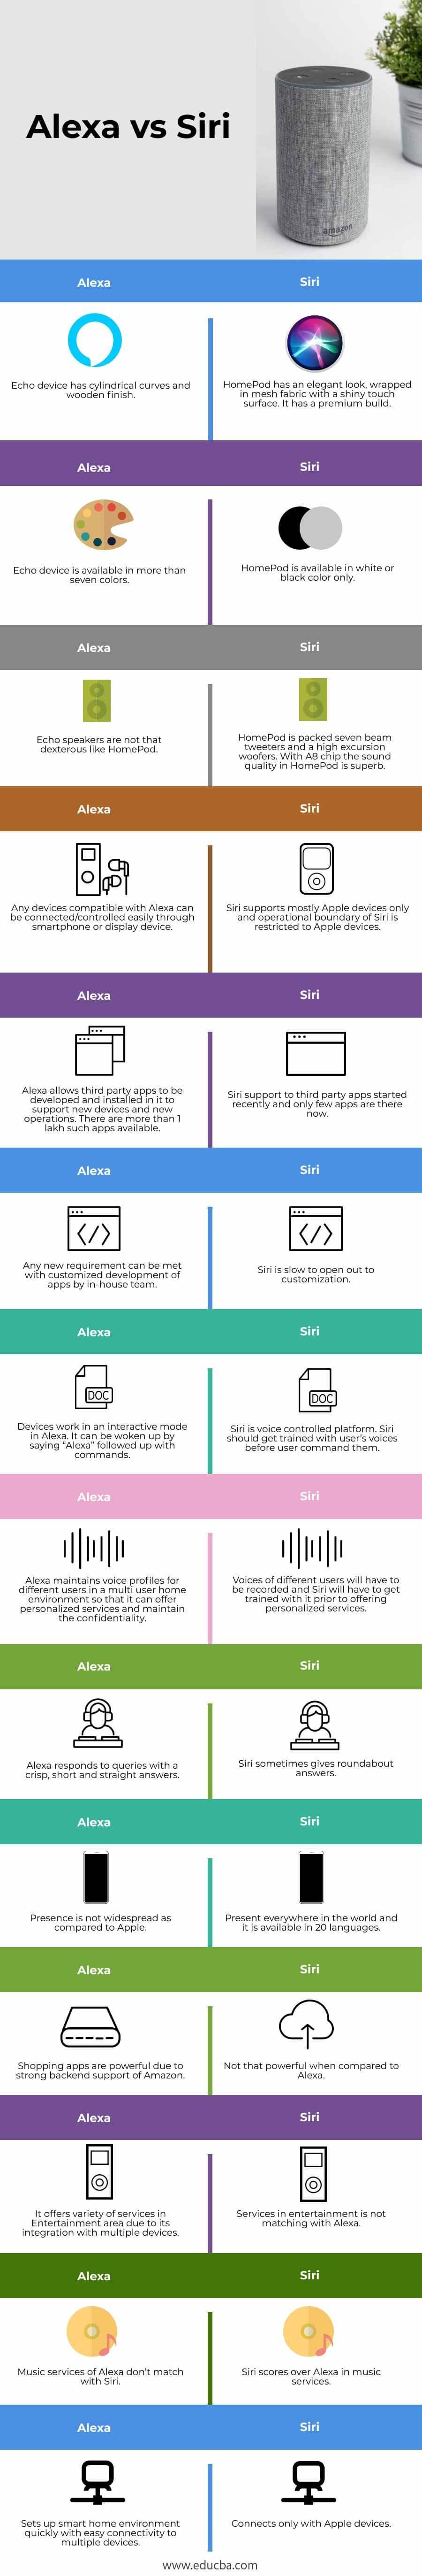 Alexa-vs-Siri-info